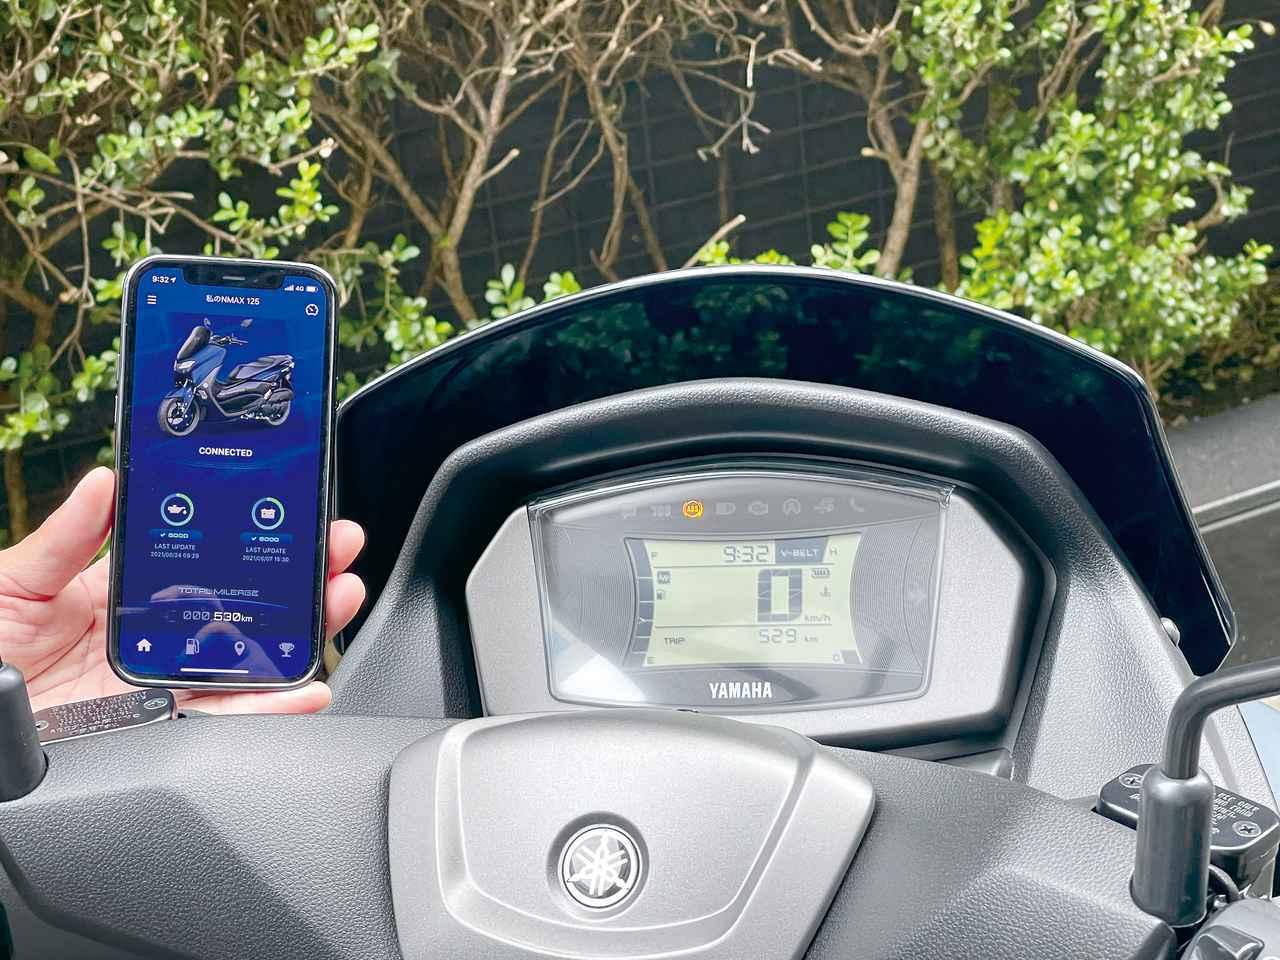 画像: 専用アプリを介して、このようにバイクとの接続が可能。各種車両情報をスマホから見ることが可能になった。